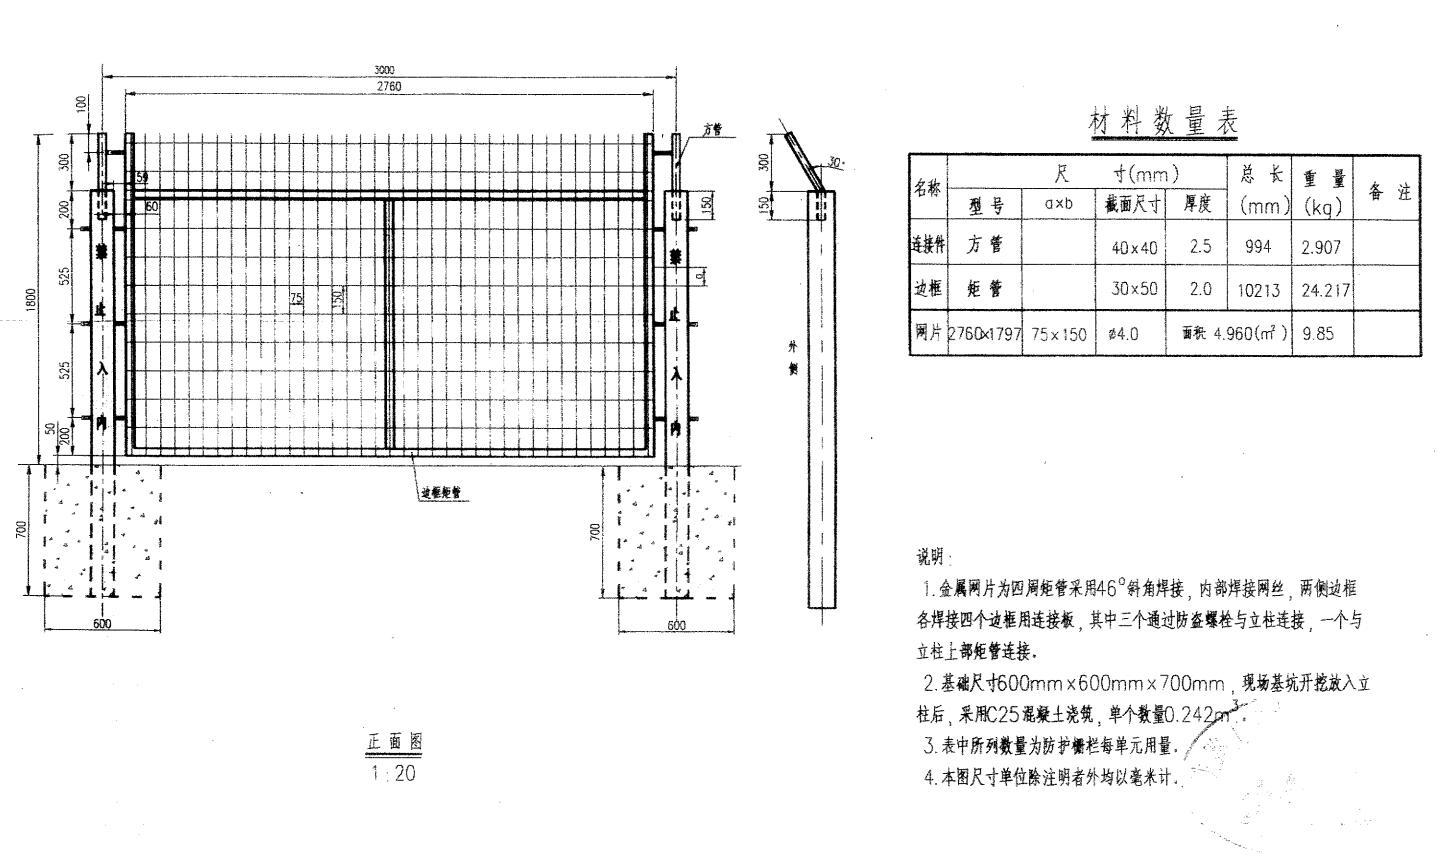 铁路线路防护栅栏和机场围界图纸